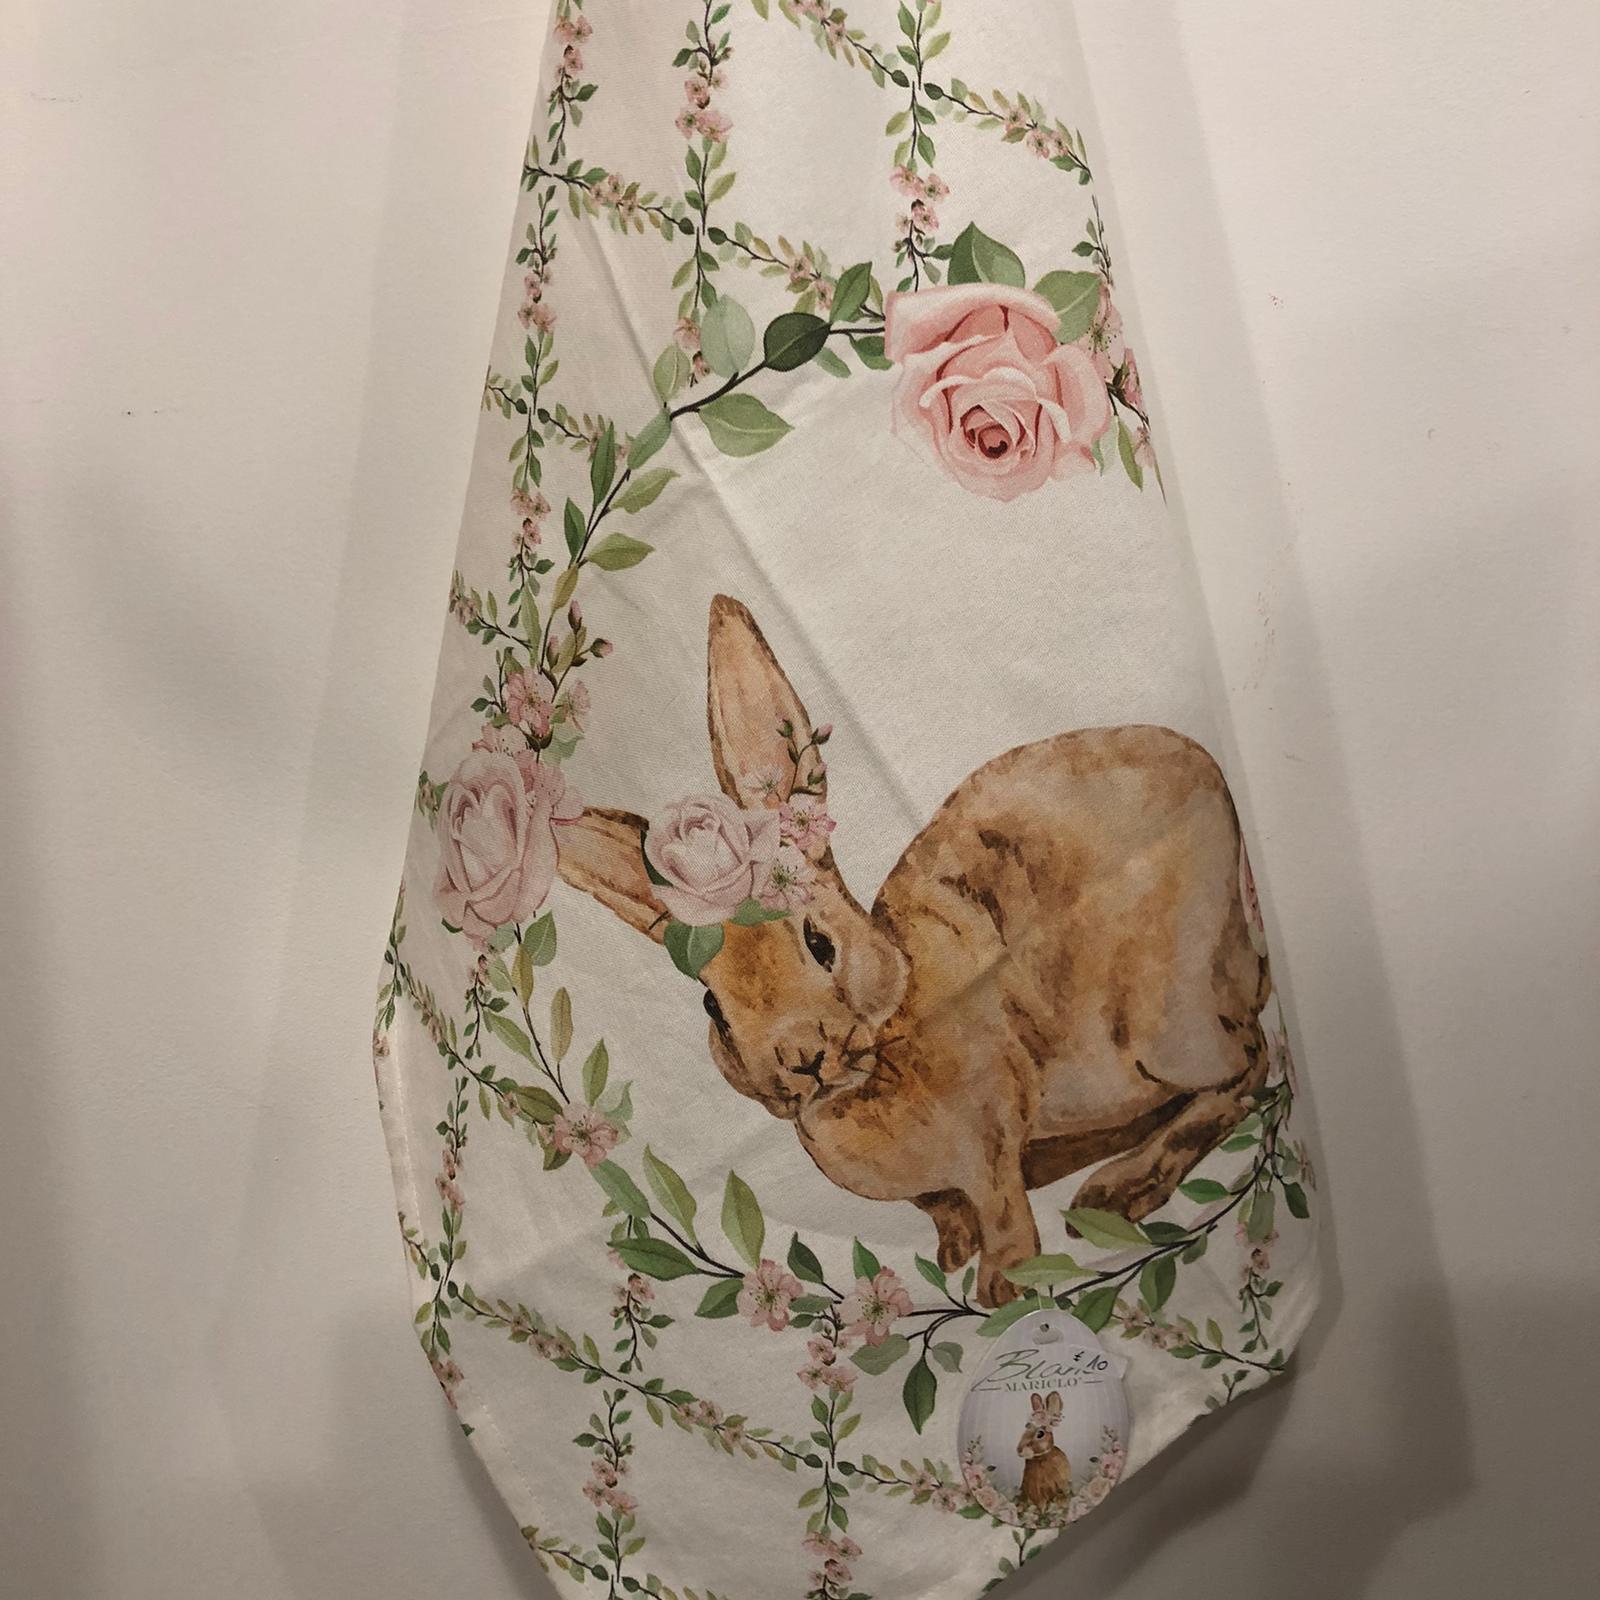 Conovaccio con coniglietto e rose